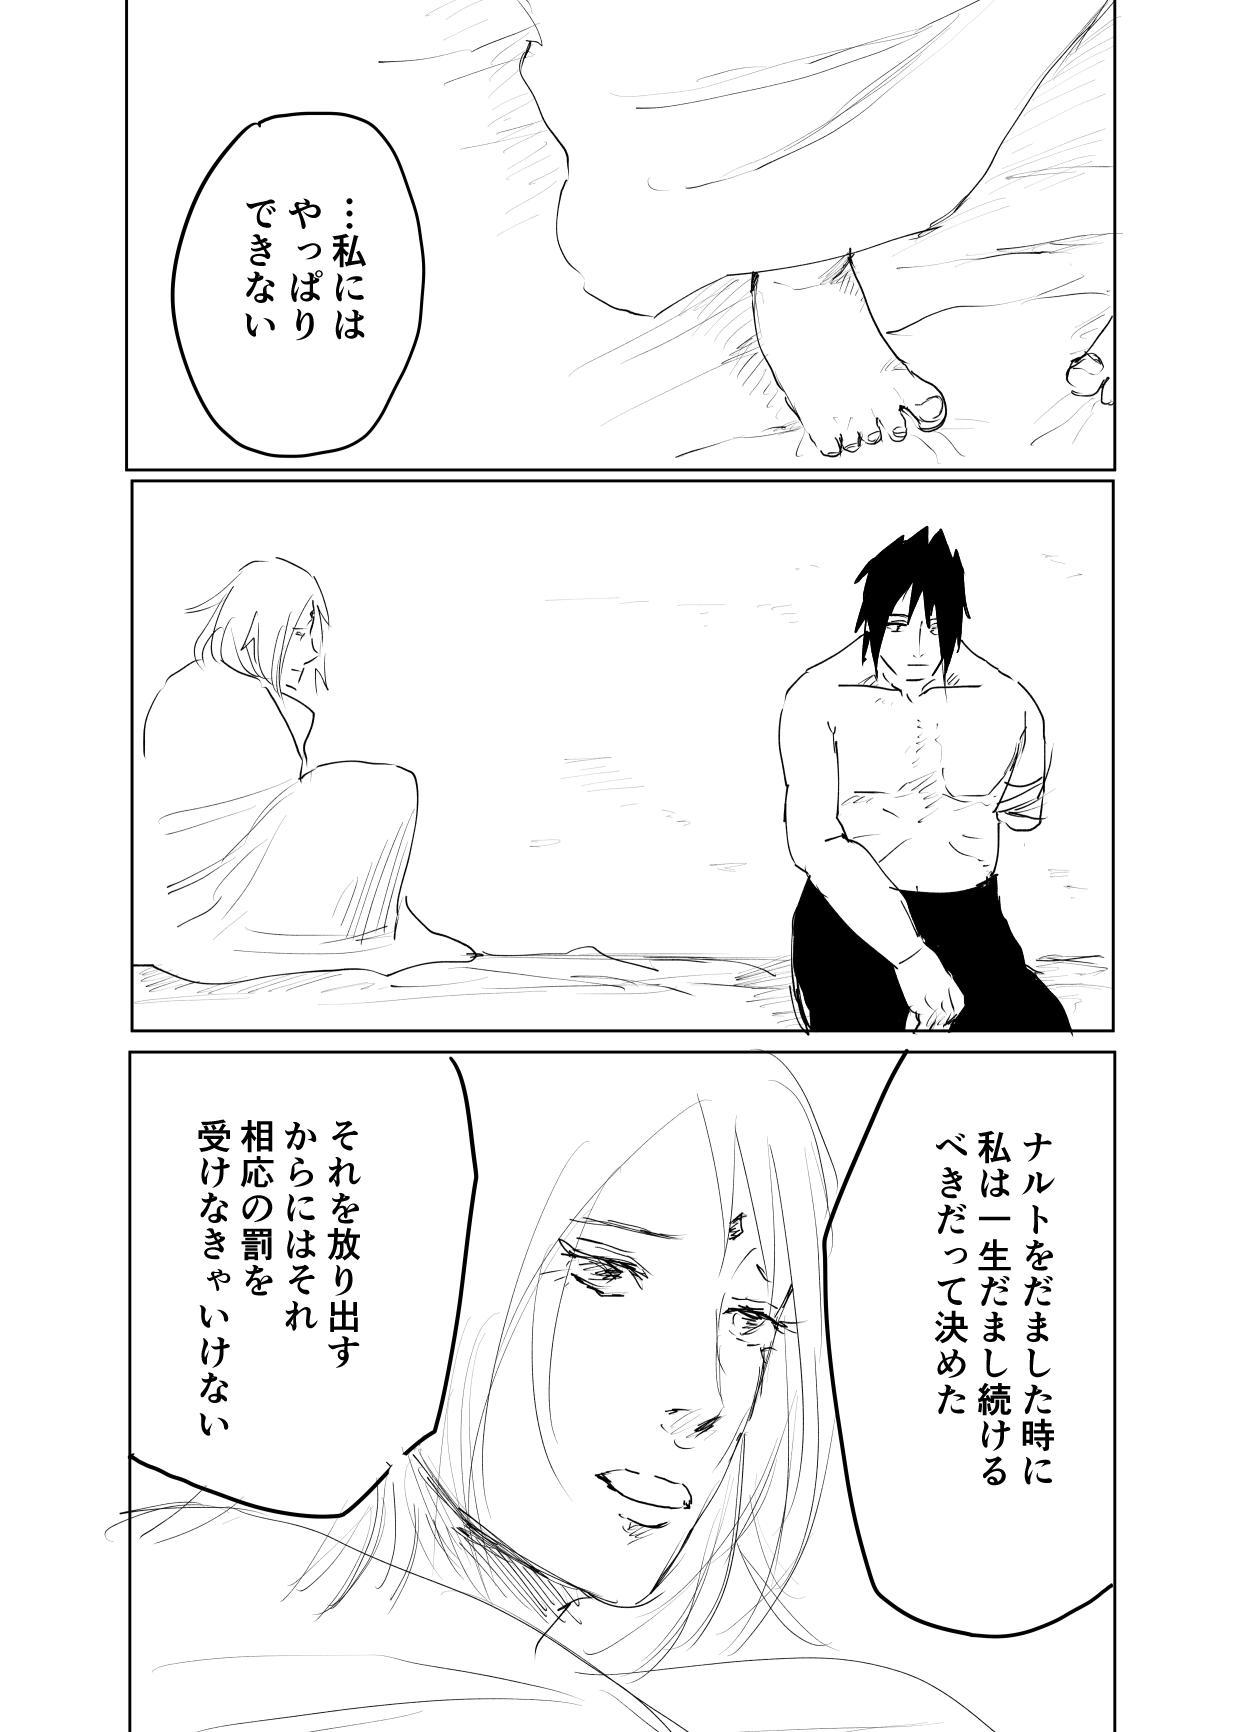 嘘告白漫画 54